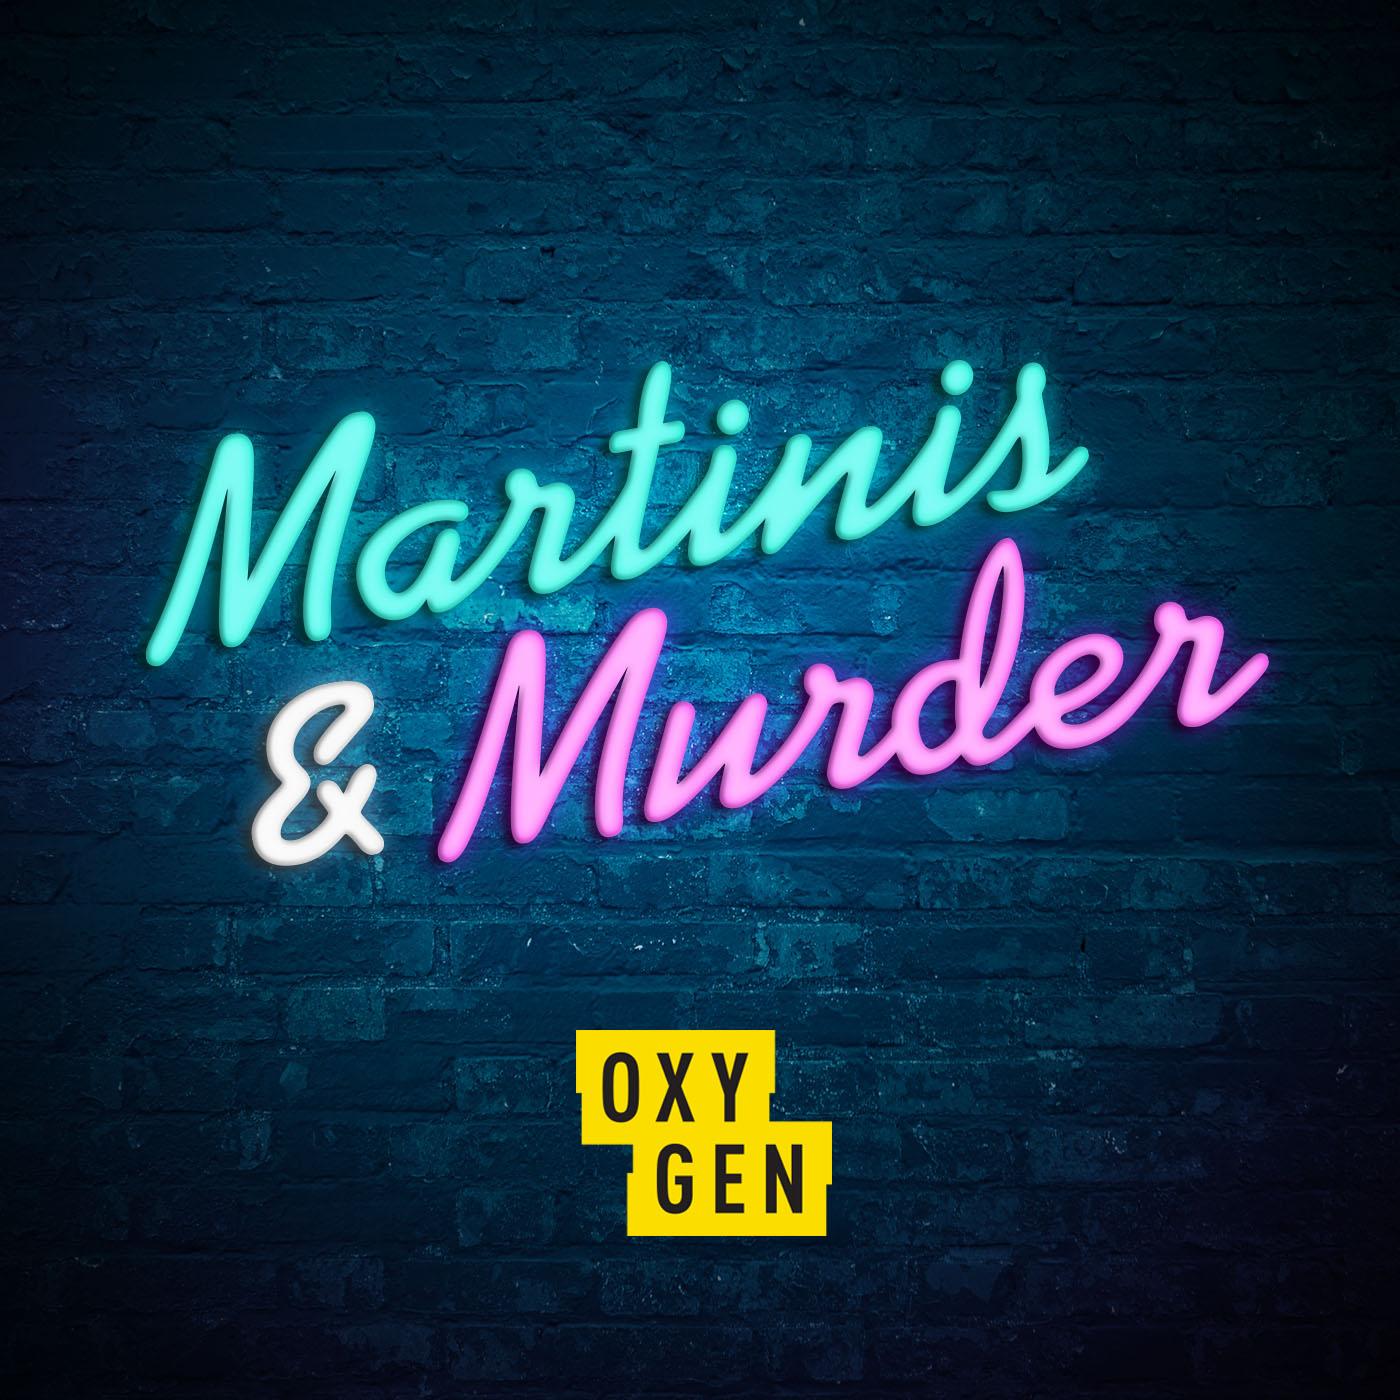 Episode #66 - The Aaron Hernandez Murder